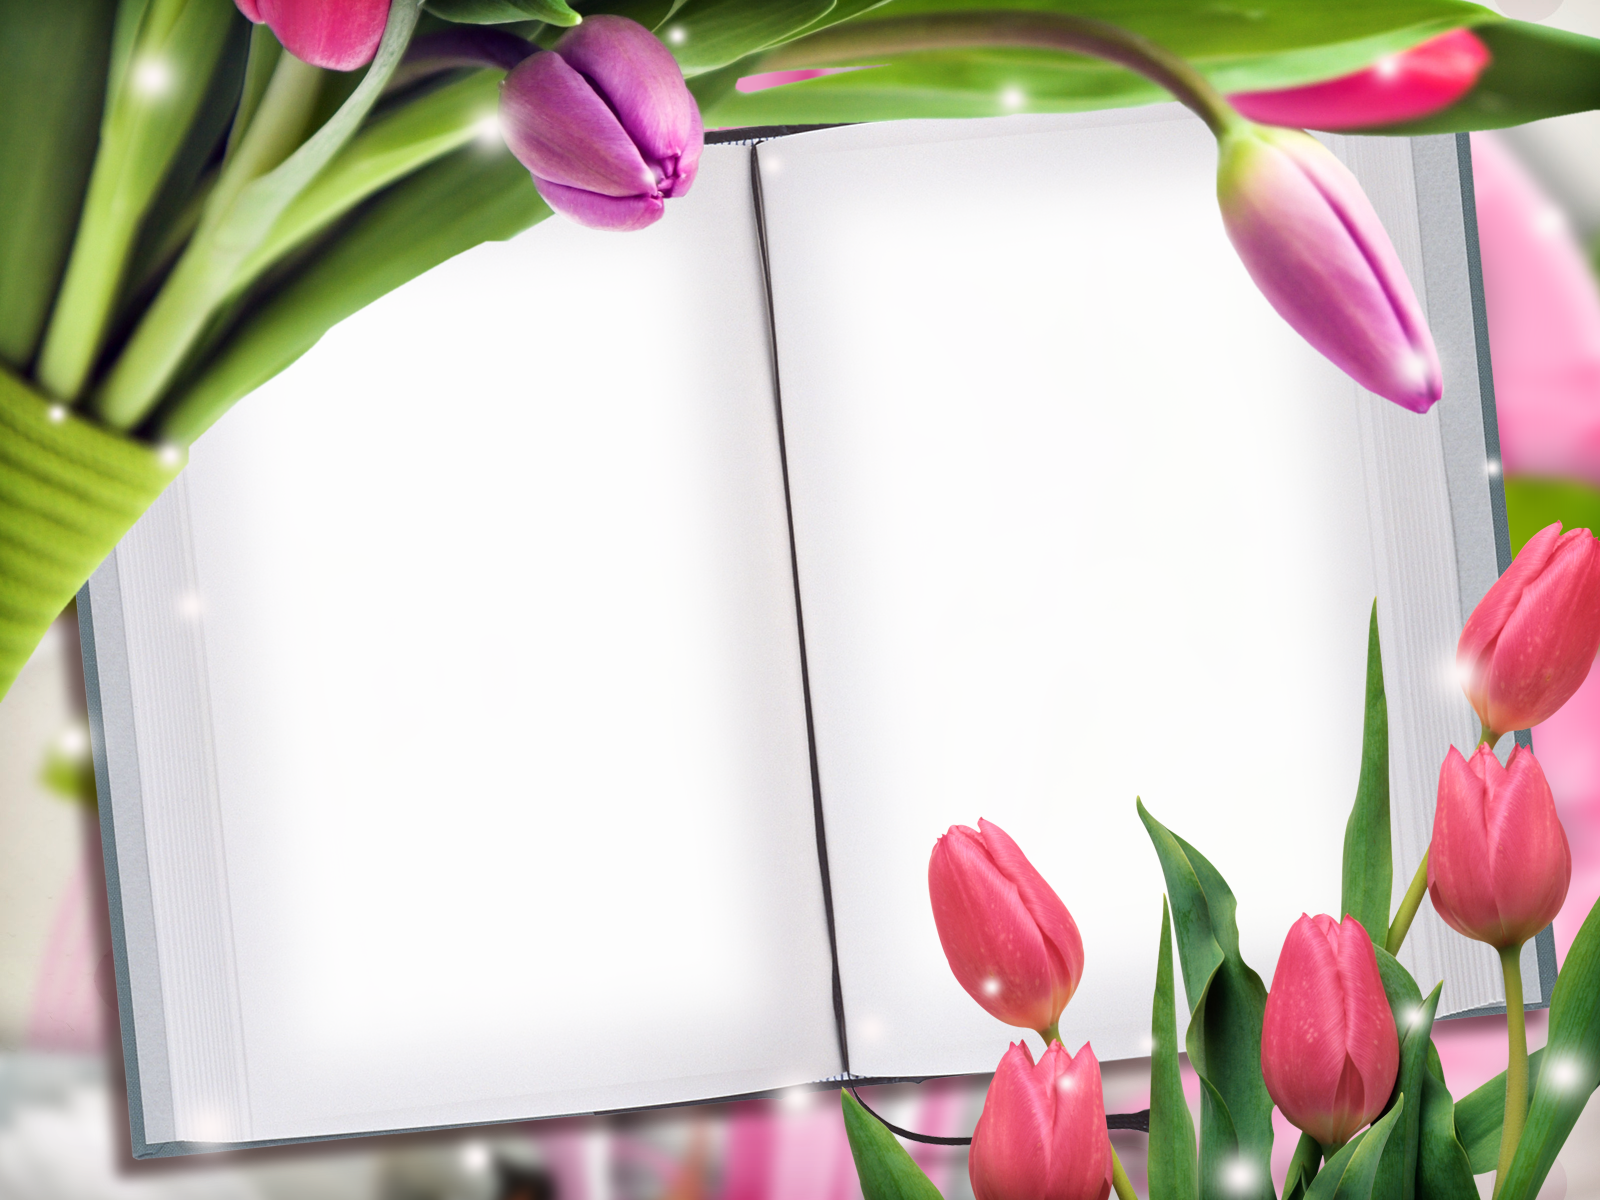 фоторамка из цветов с тюльпанами вред